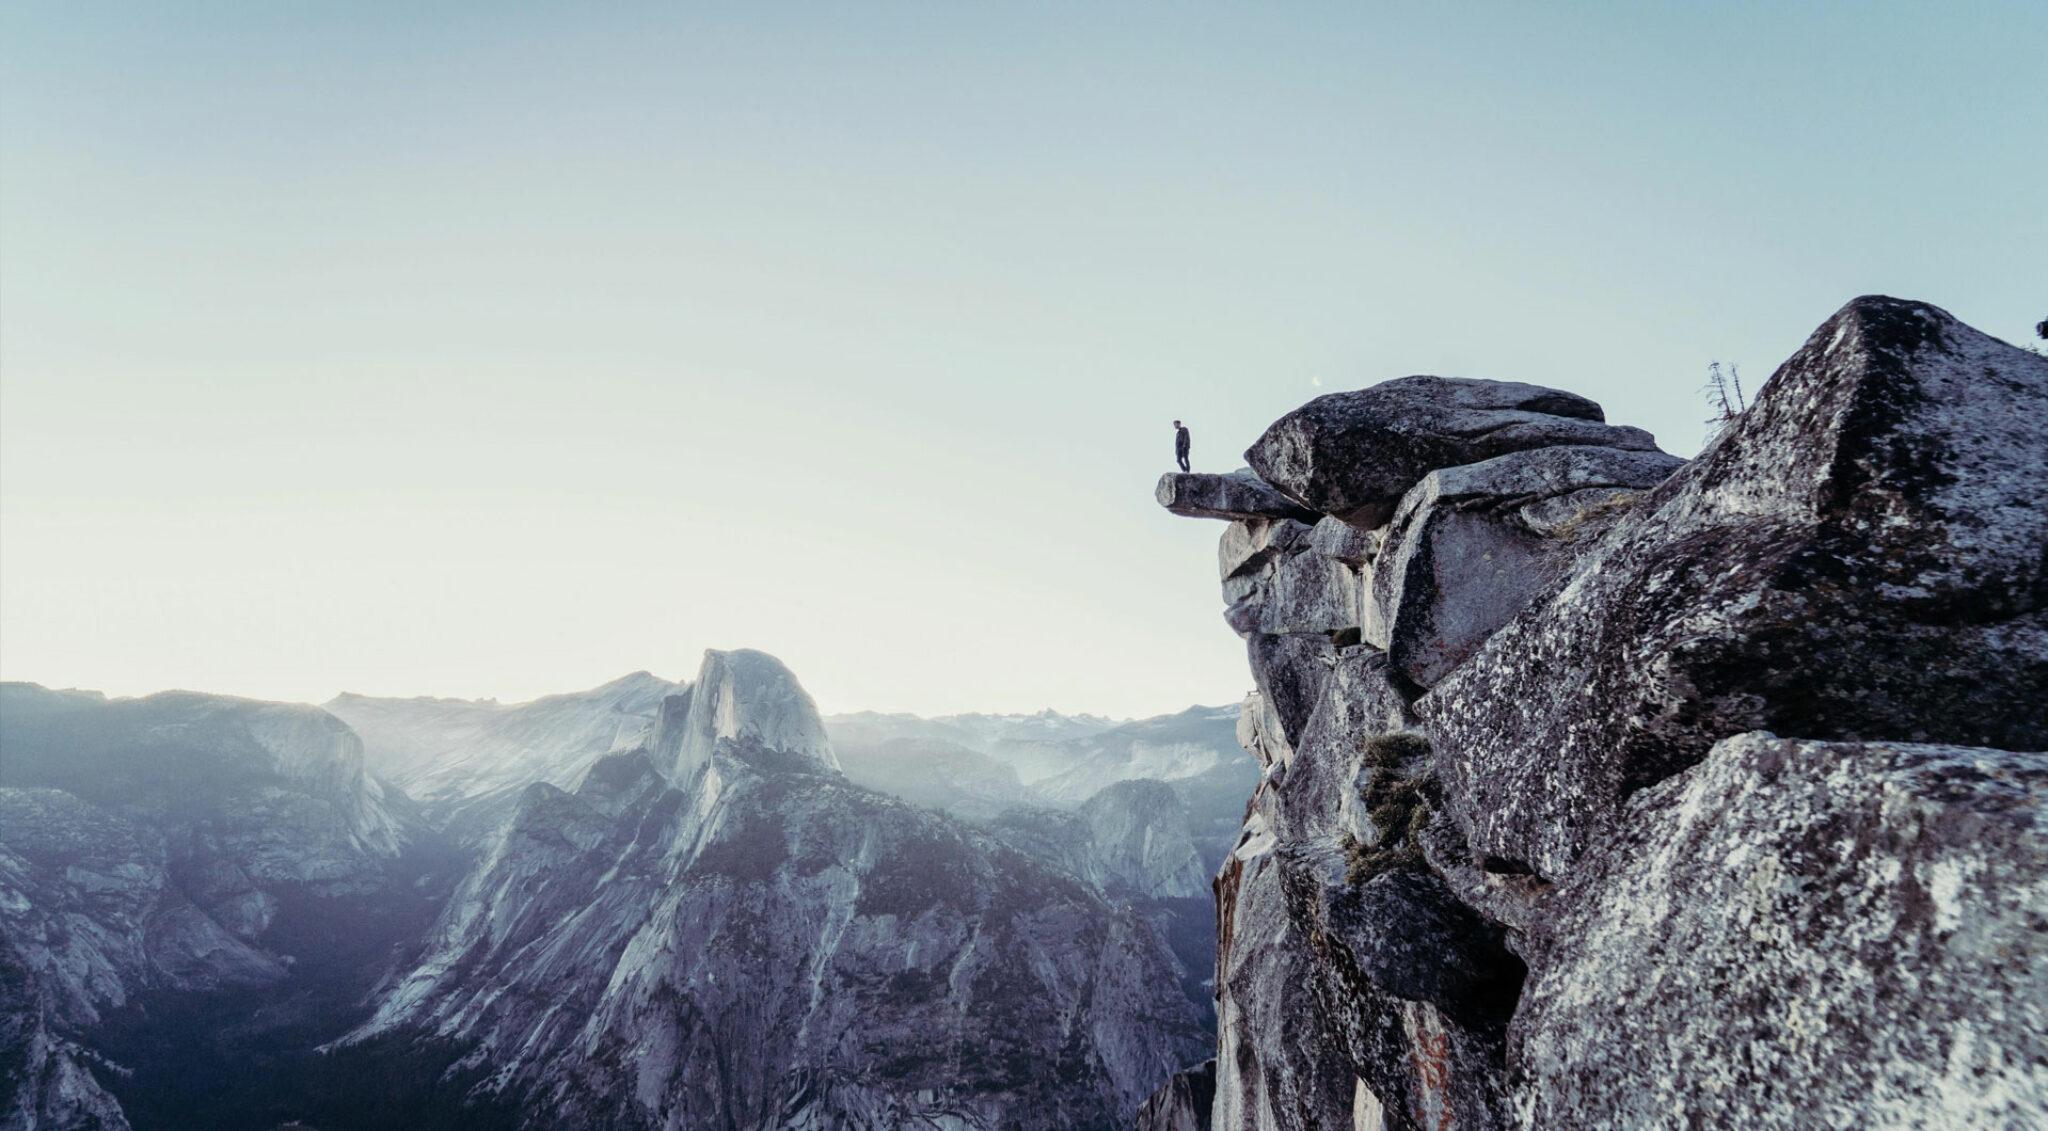 Umgeben von Gebirge steht eine Person auf einem Felsvorsprung.